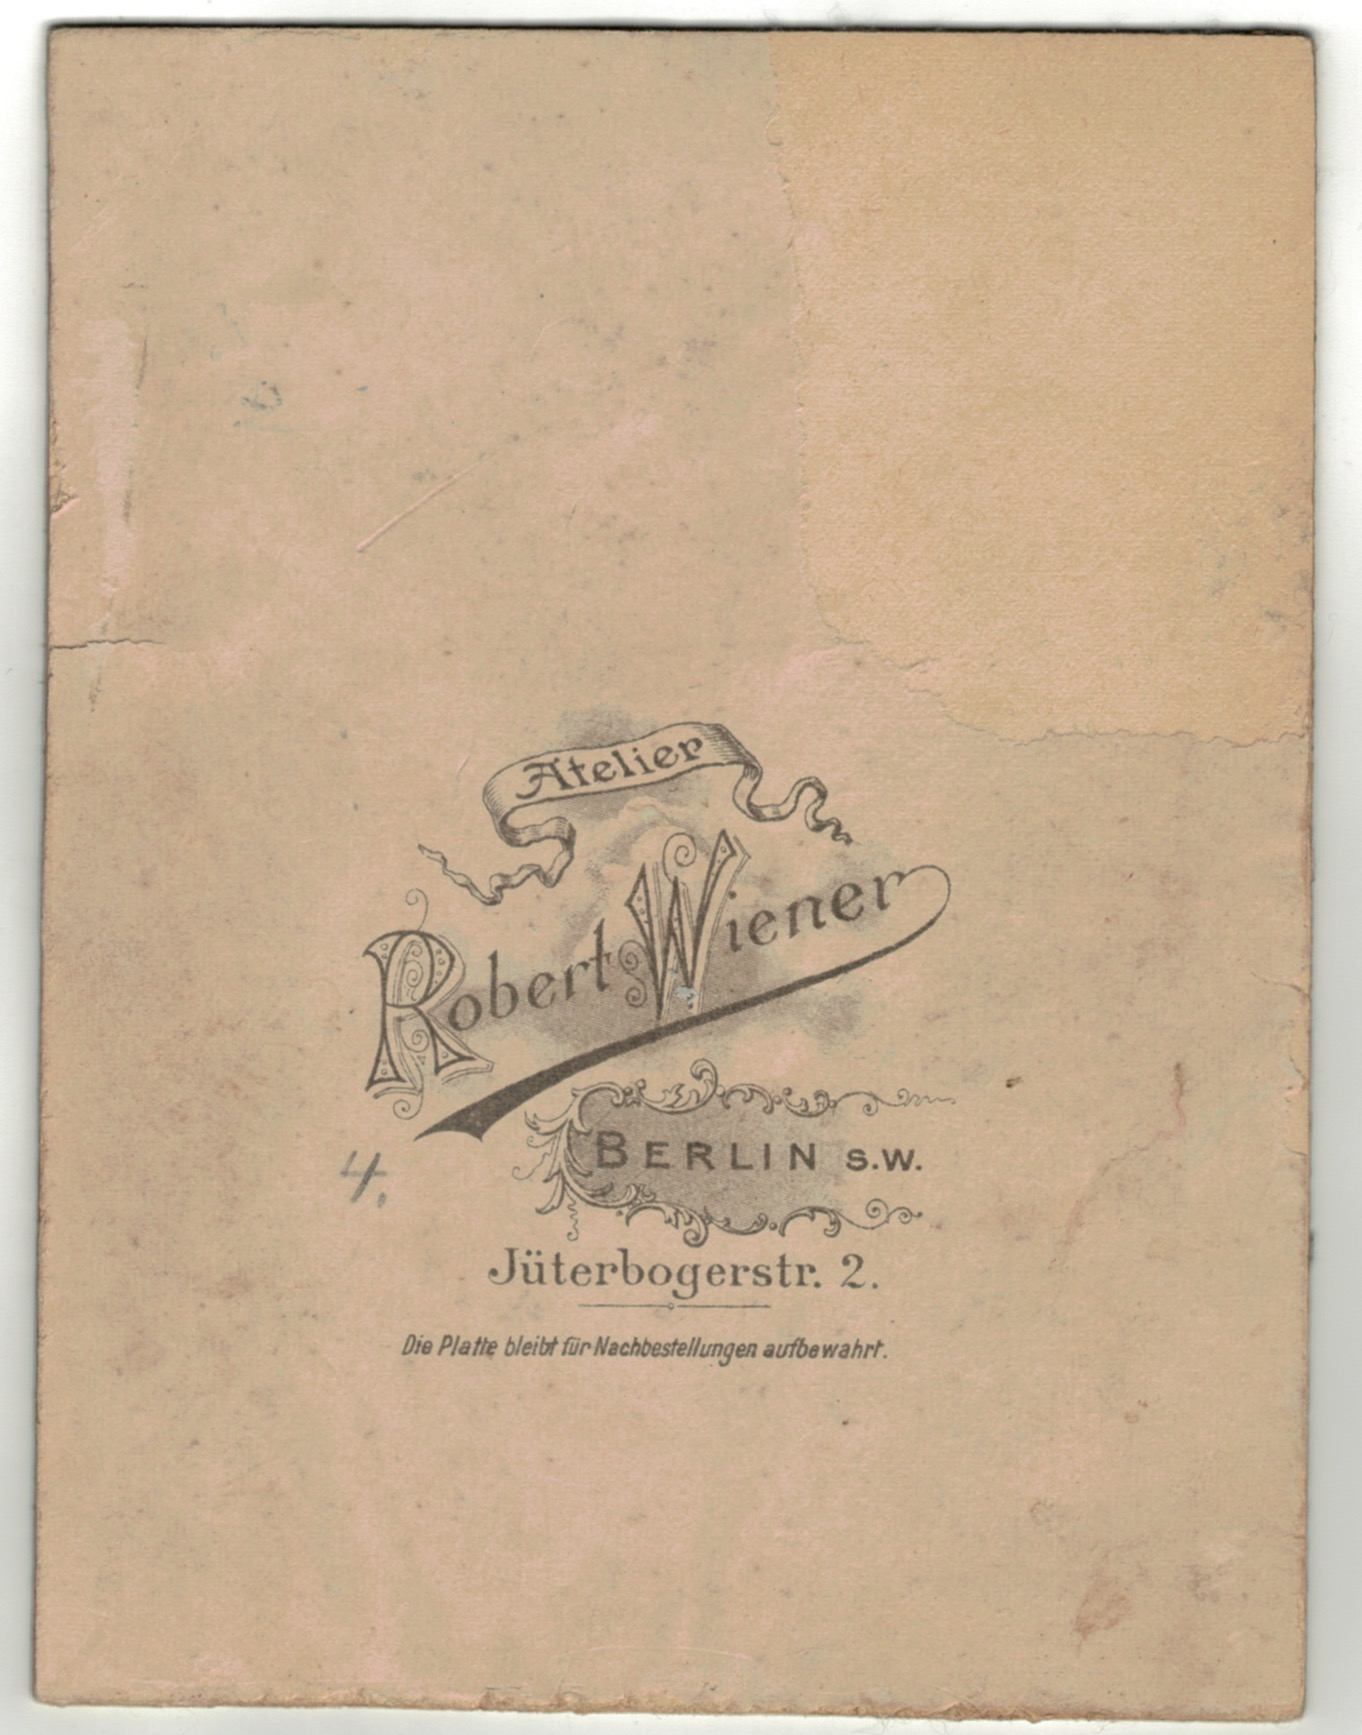 Carte CDV photo Soldat Allemand Infanterie - Réserviste - Service Militaire Berlin - Prusse - Garde Impériale - Garde Grenadier régiment N°4 - K.Augusta - Königin Augusta Garde-Grenadier-Regiment Nr. 4